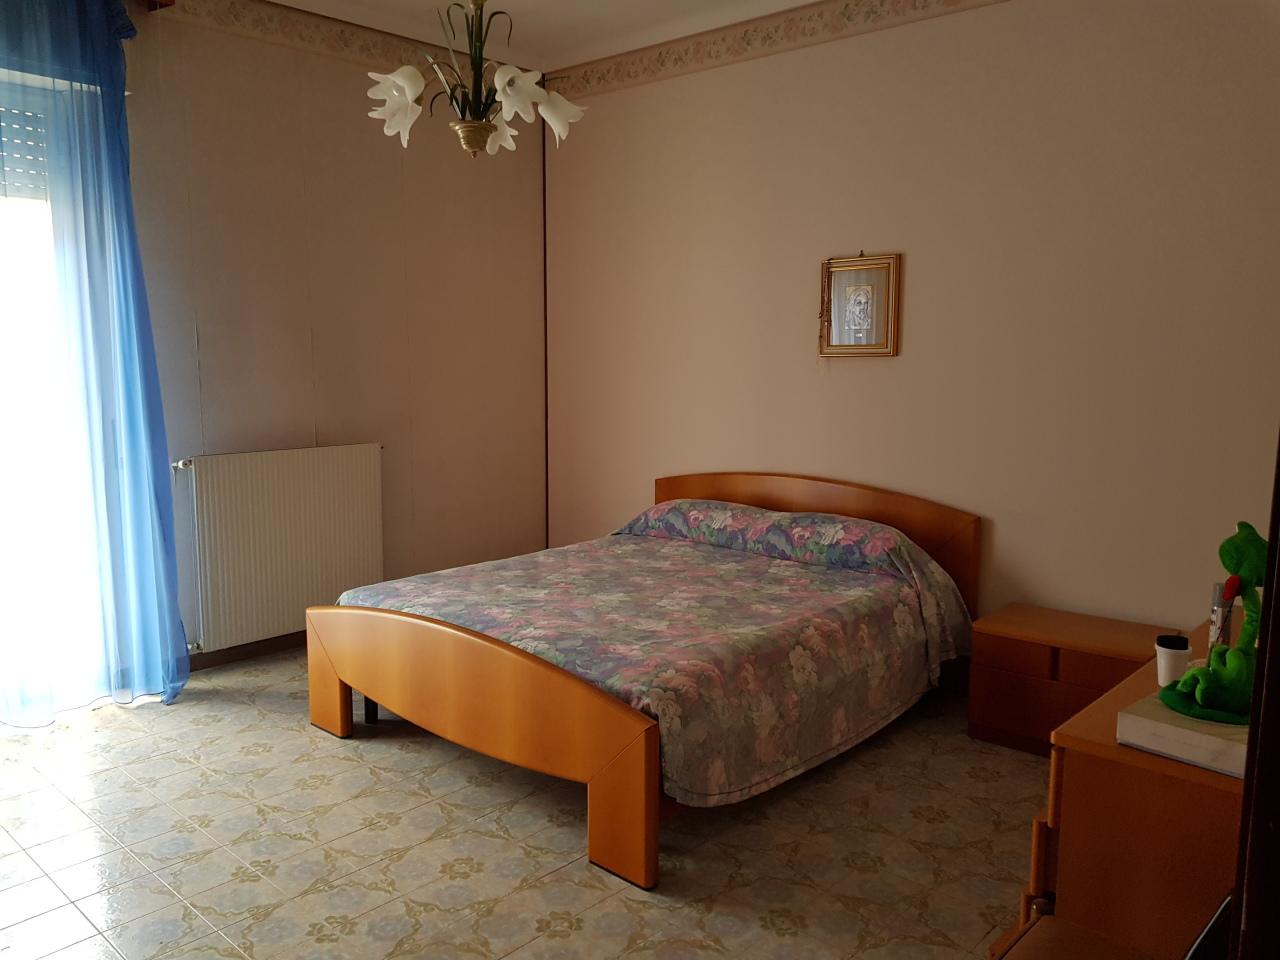 Appartamento 5 locali in vendita a Ragusa (RG)